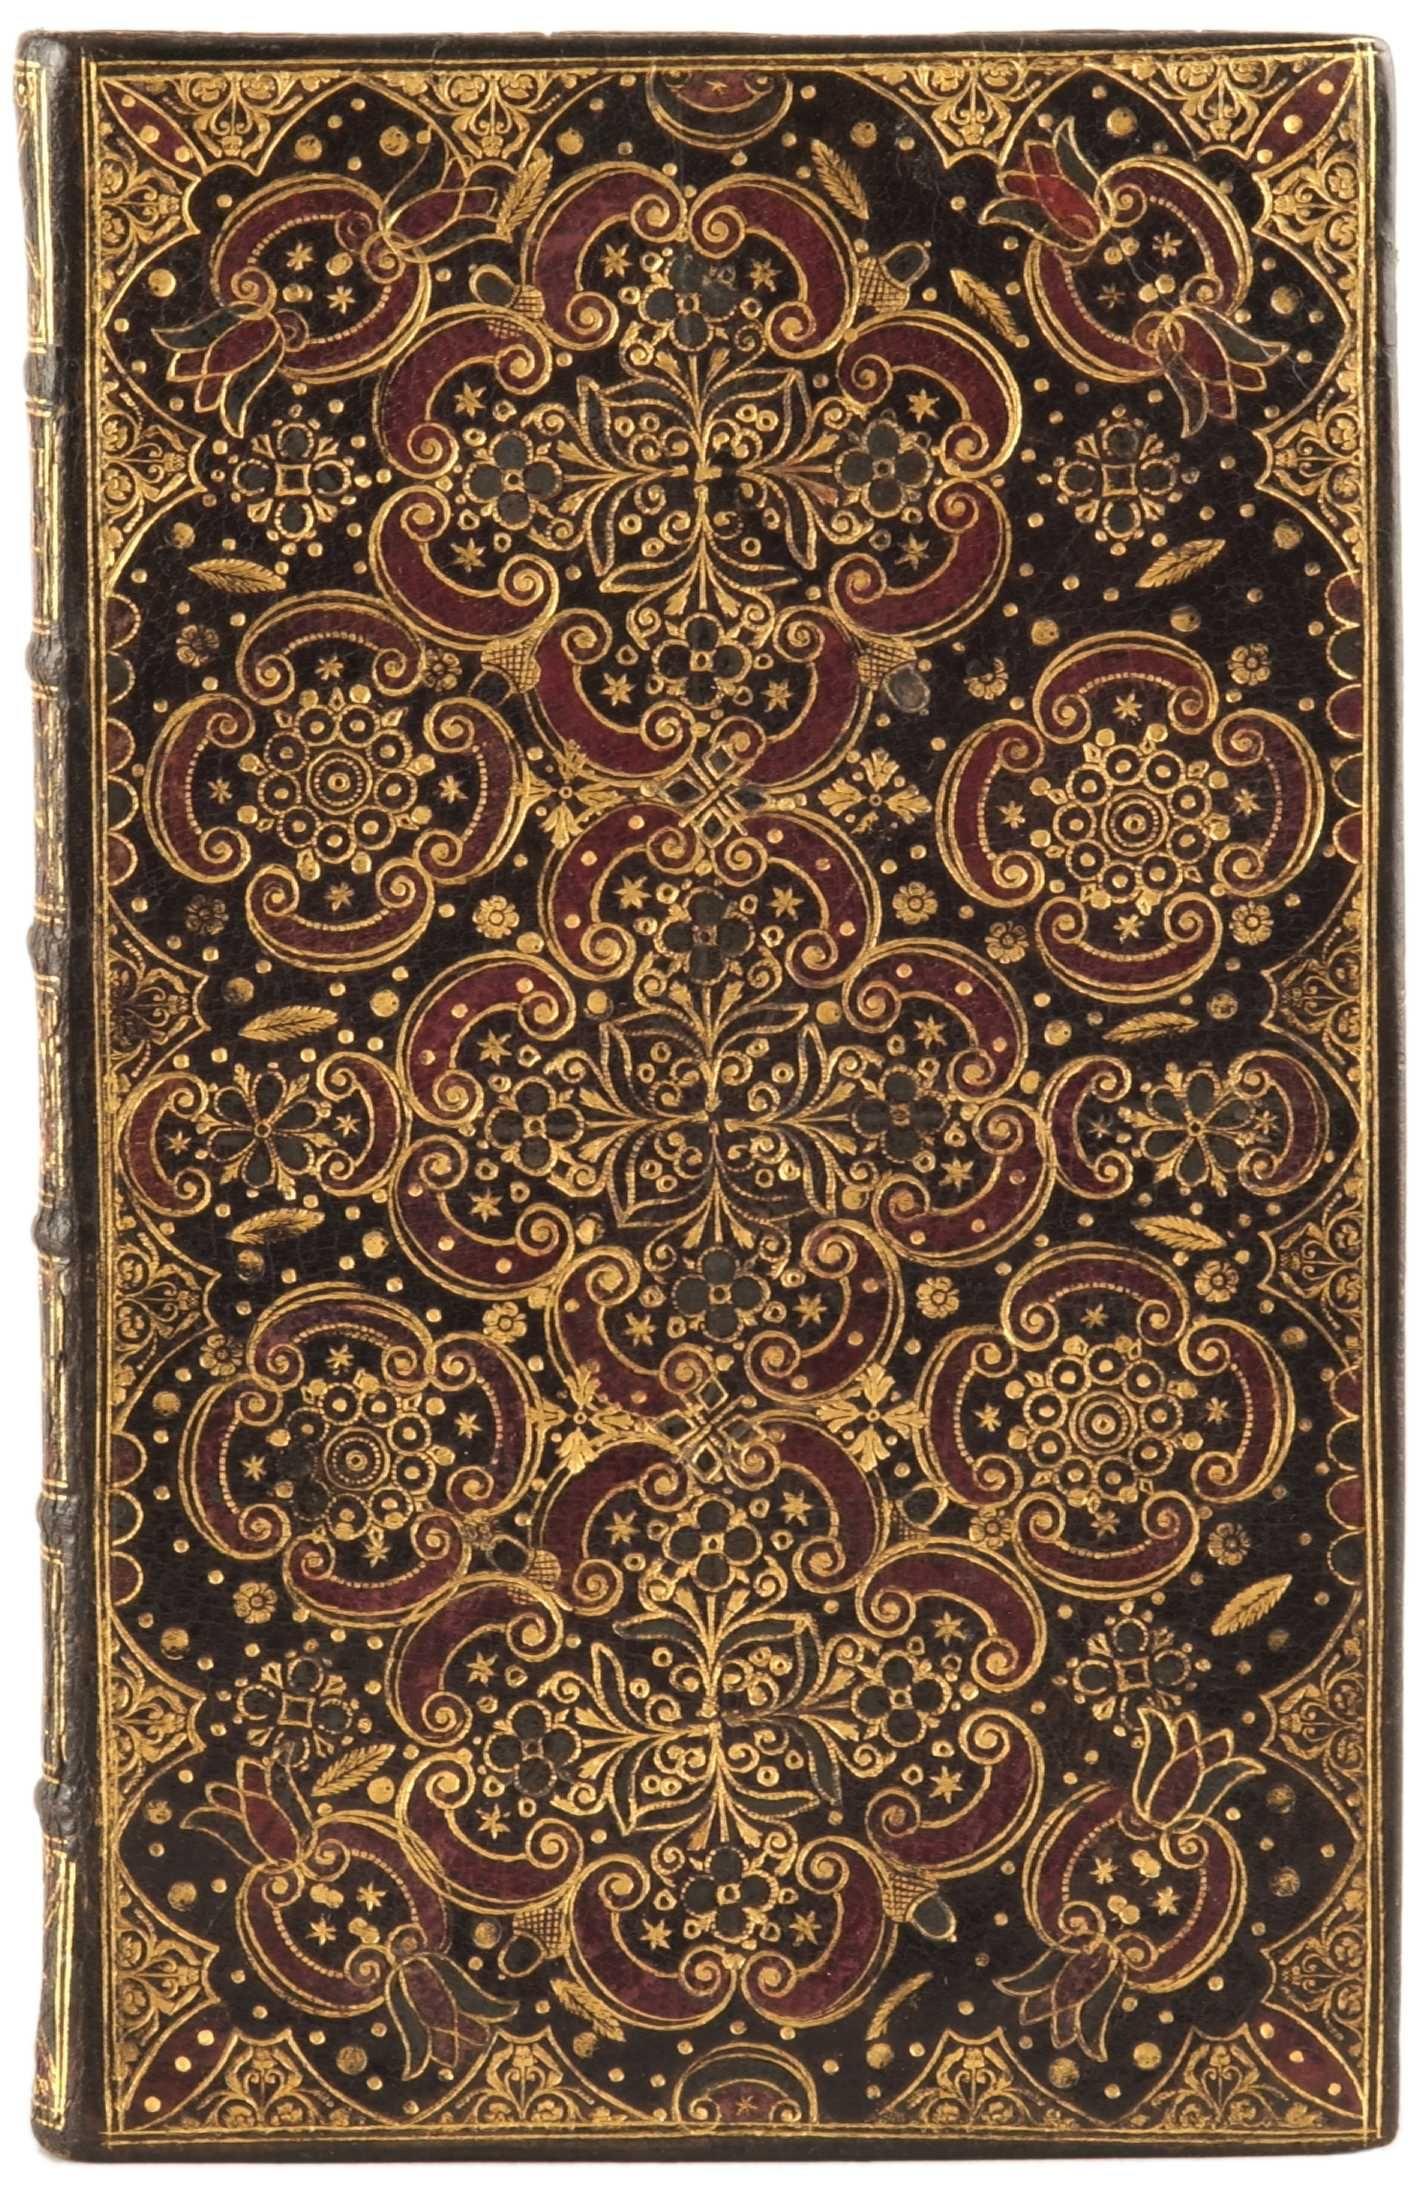 Victorian Book Texture By Thatgretchpantsgirl Jpg 1 680 2 292 Pixels Victorian Books Book Texture Ancient Books